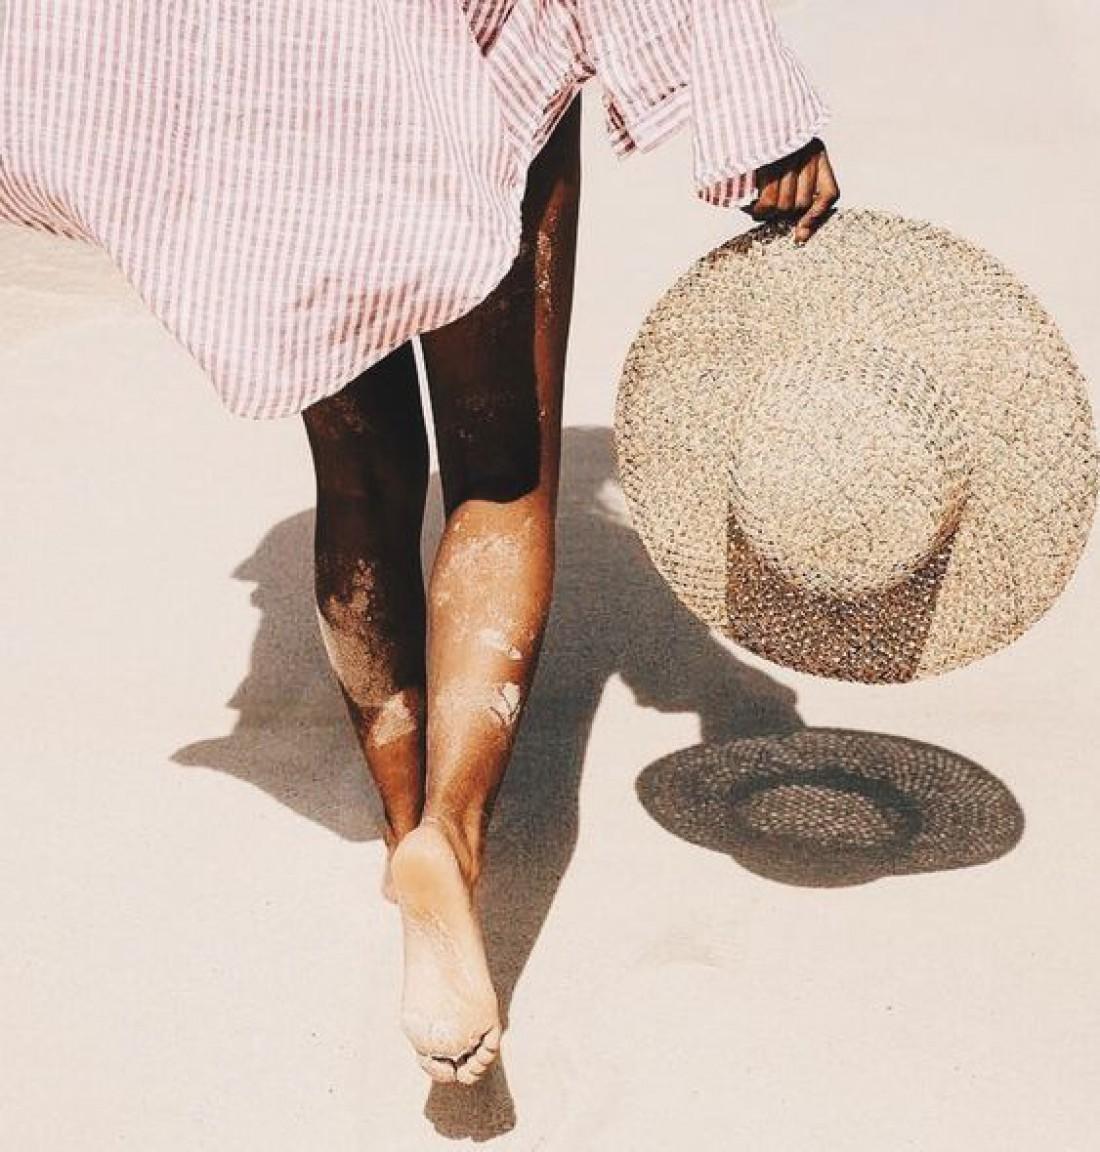 Как сэкономить на летнем отдыхе? 13 лучших лайфхаков